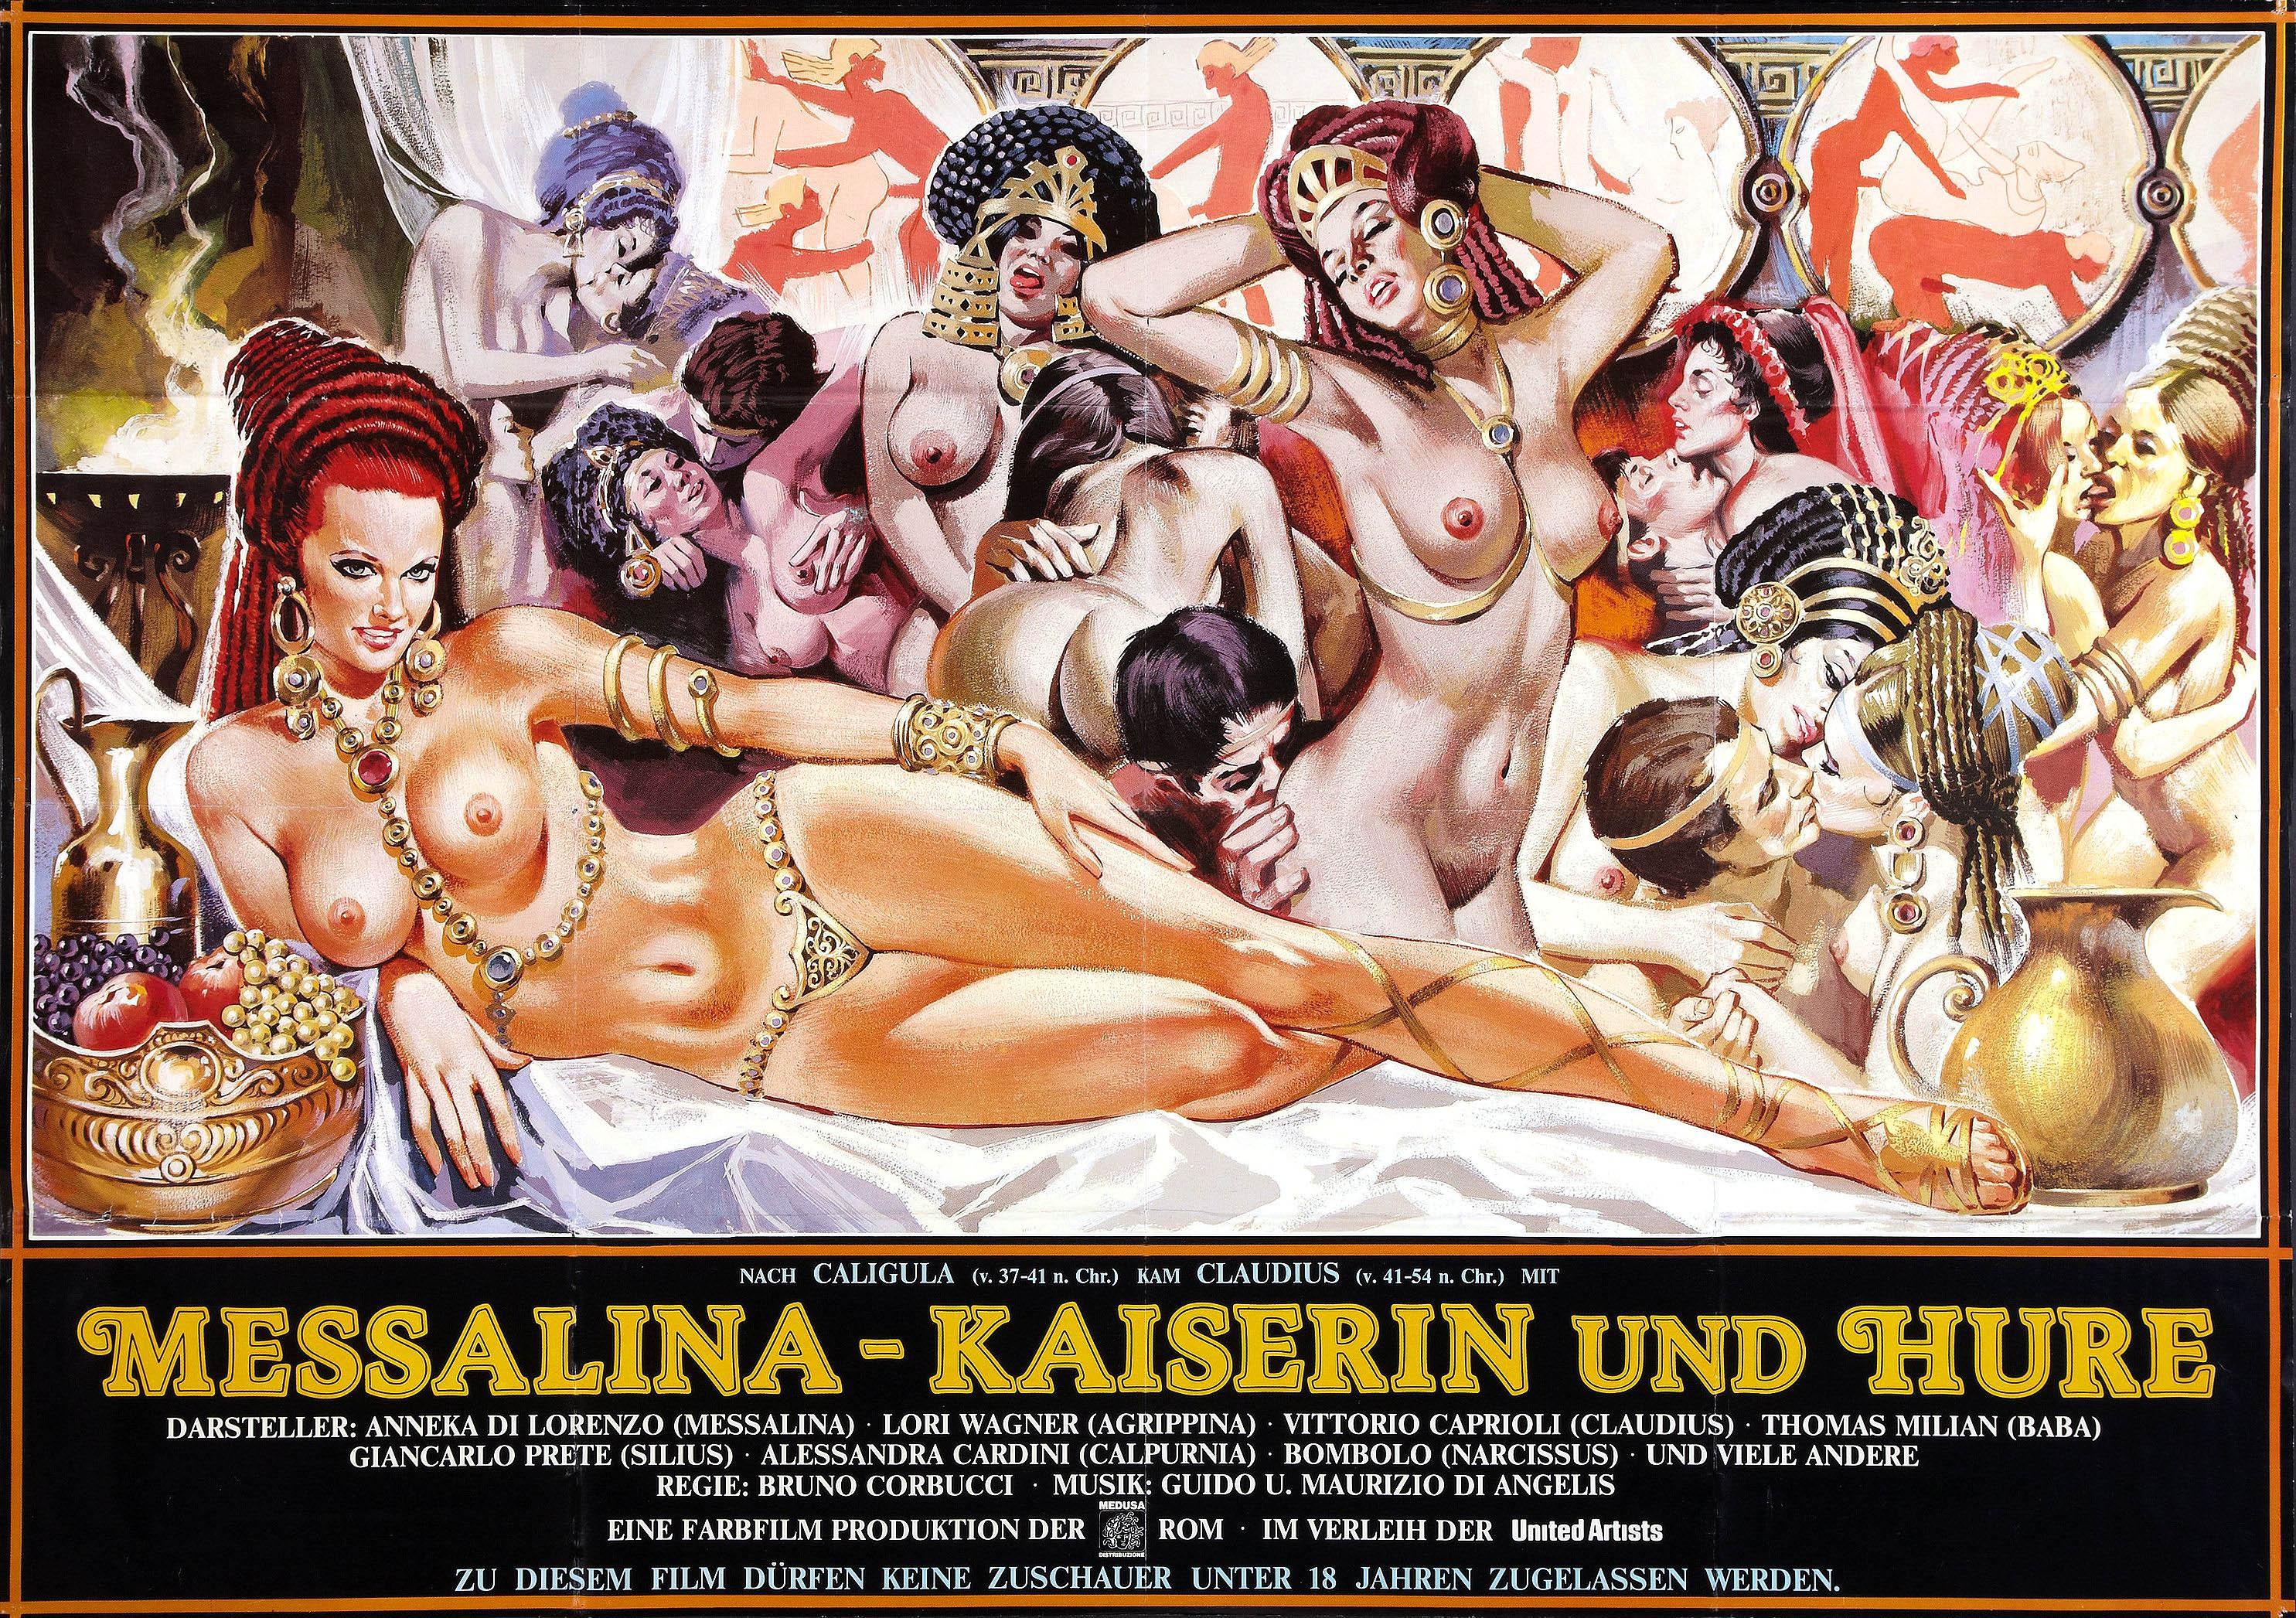 Тайный клуб ретро порно оргии смотреть онлайн flv 22 фотография